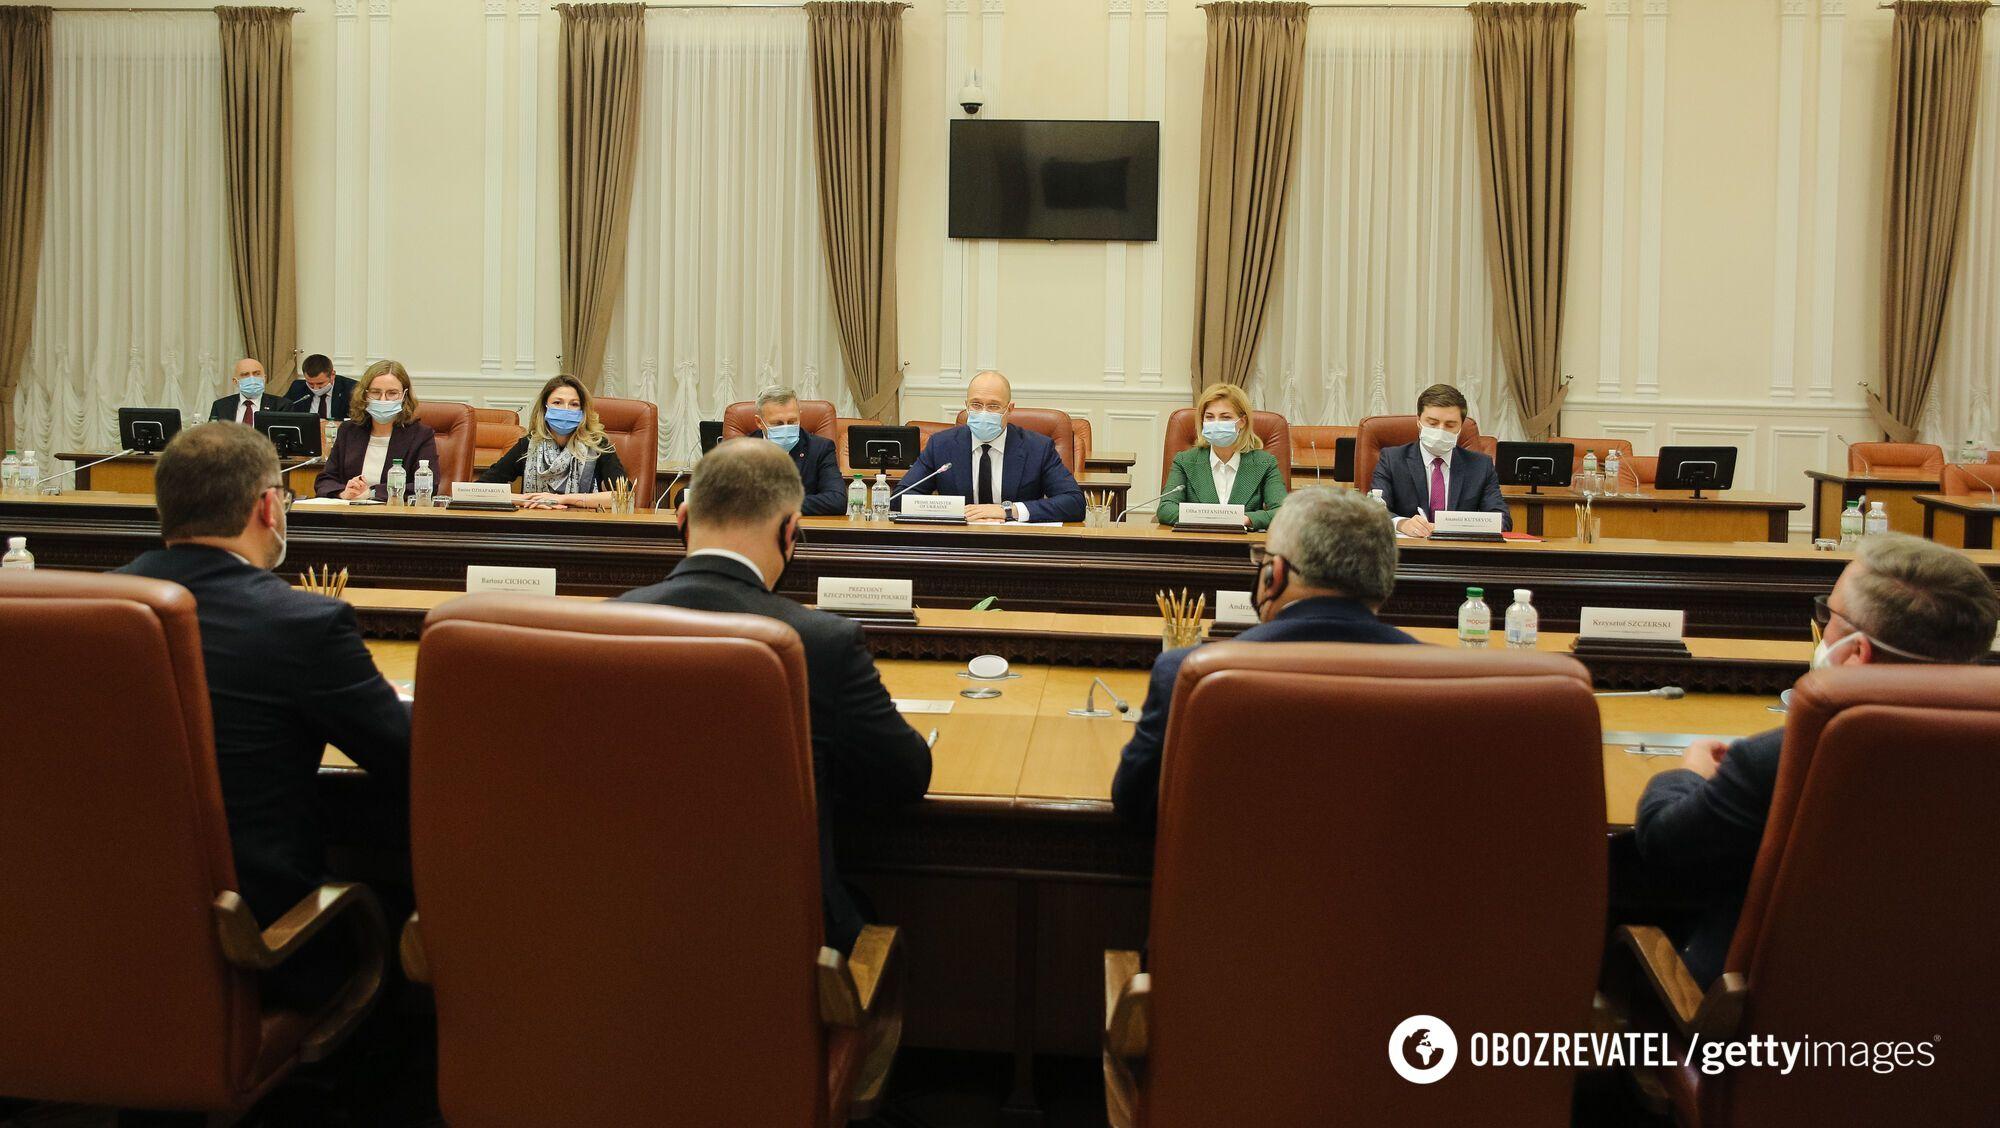 Переговоры польской делегации с членами украинского правительства